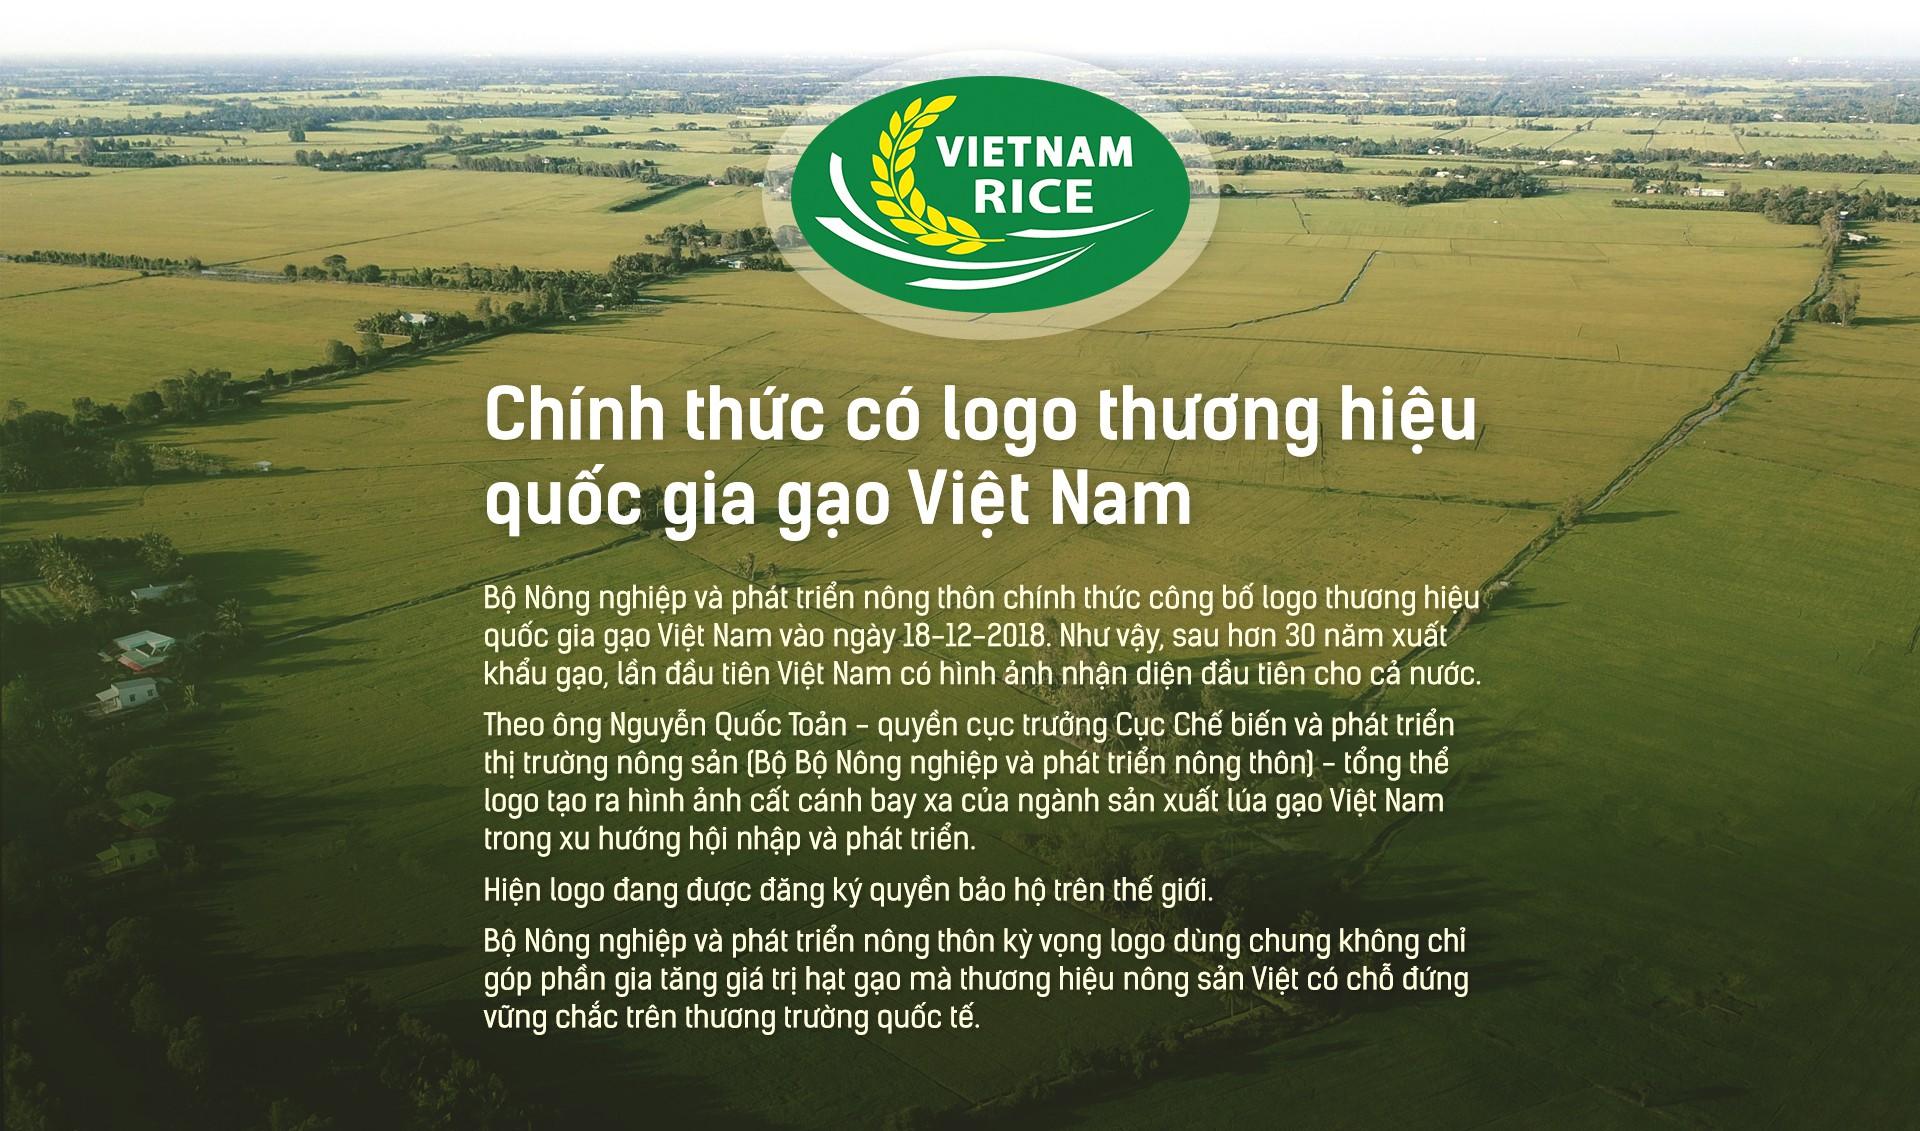 Hạt gạo Việt: 30 năm, một nỗi đau đáu về thương hiệu - Ảnh 14.